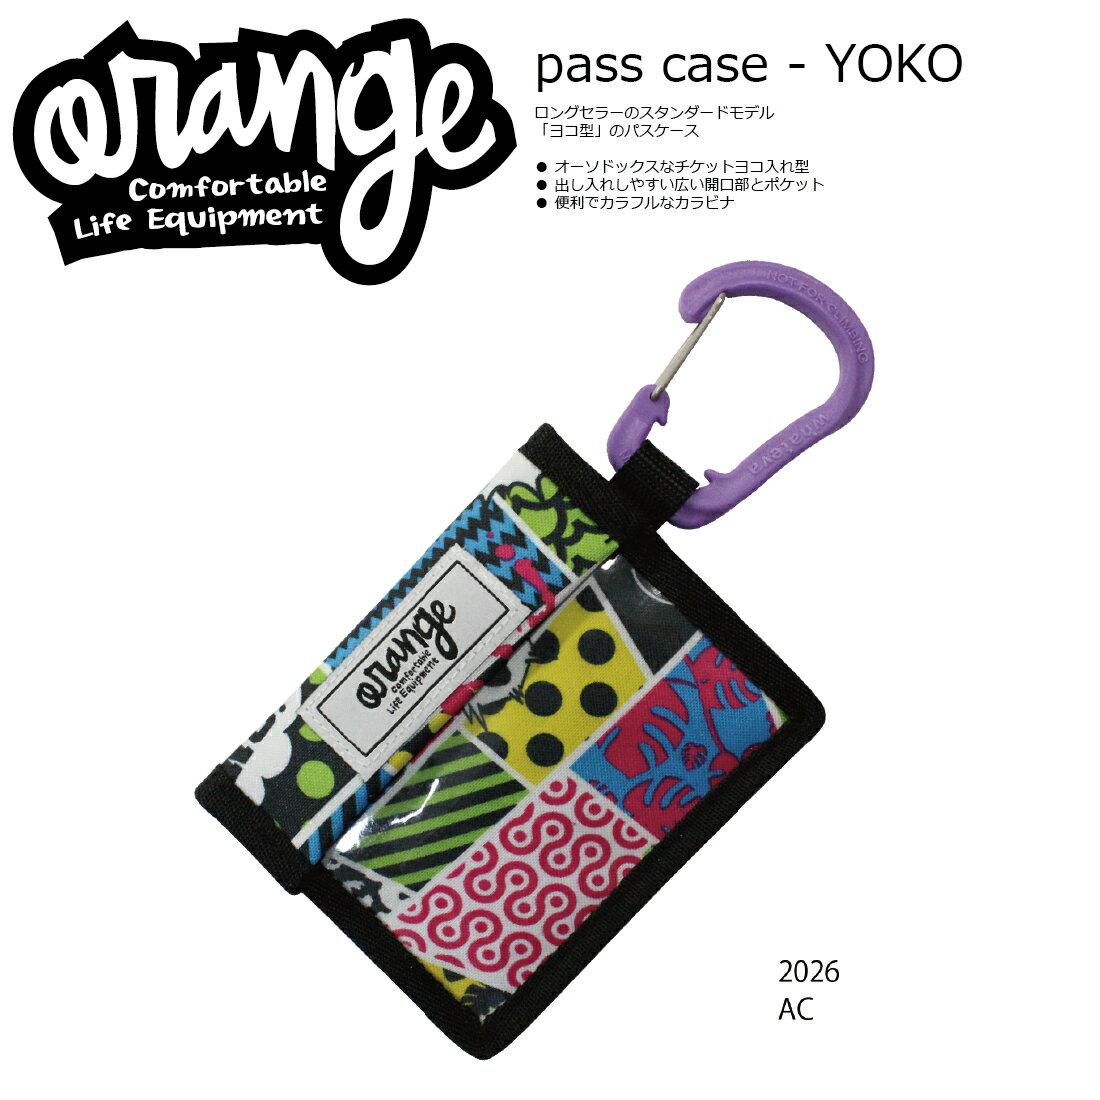 Oran'ge Pass-Case YOKO カラビナ付 2026 AC オレンジ パスケース 横タイプ ヨコ 収納ポケット付 2017 2017-18